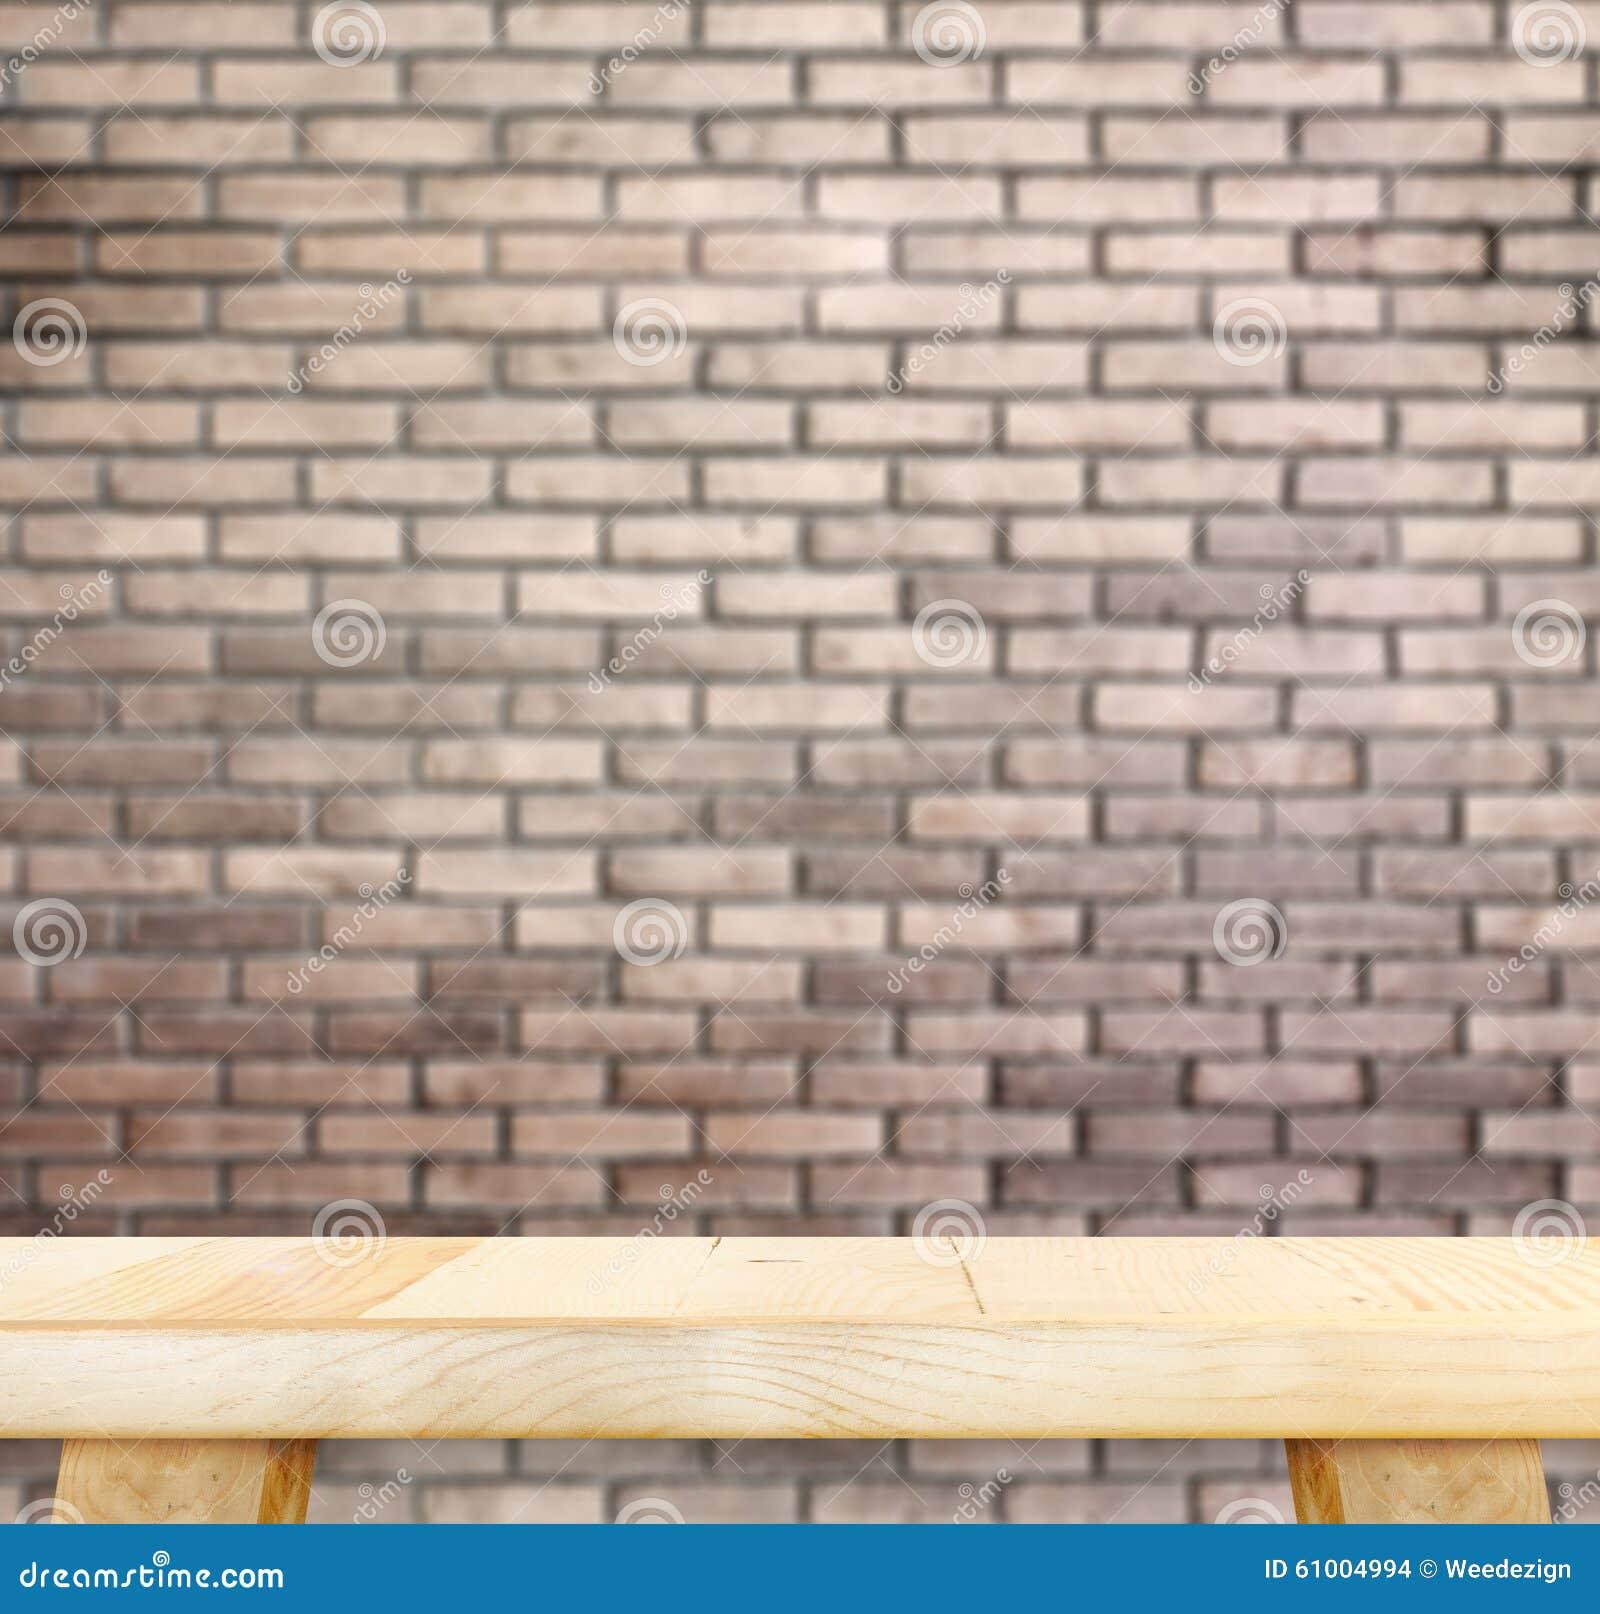 Pusty lekki drewno stół i plamy czerwony ściana z cegieł w tle, Moc